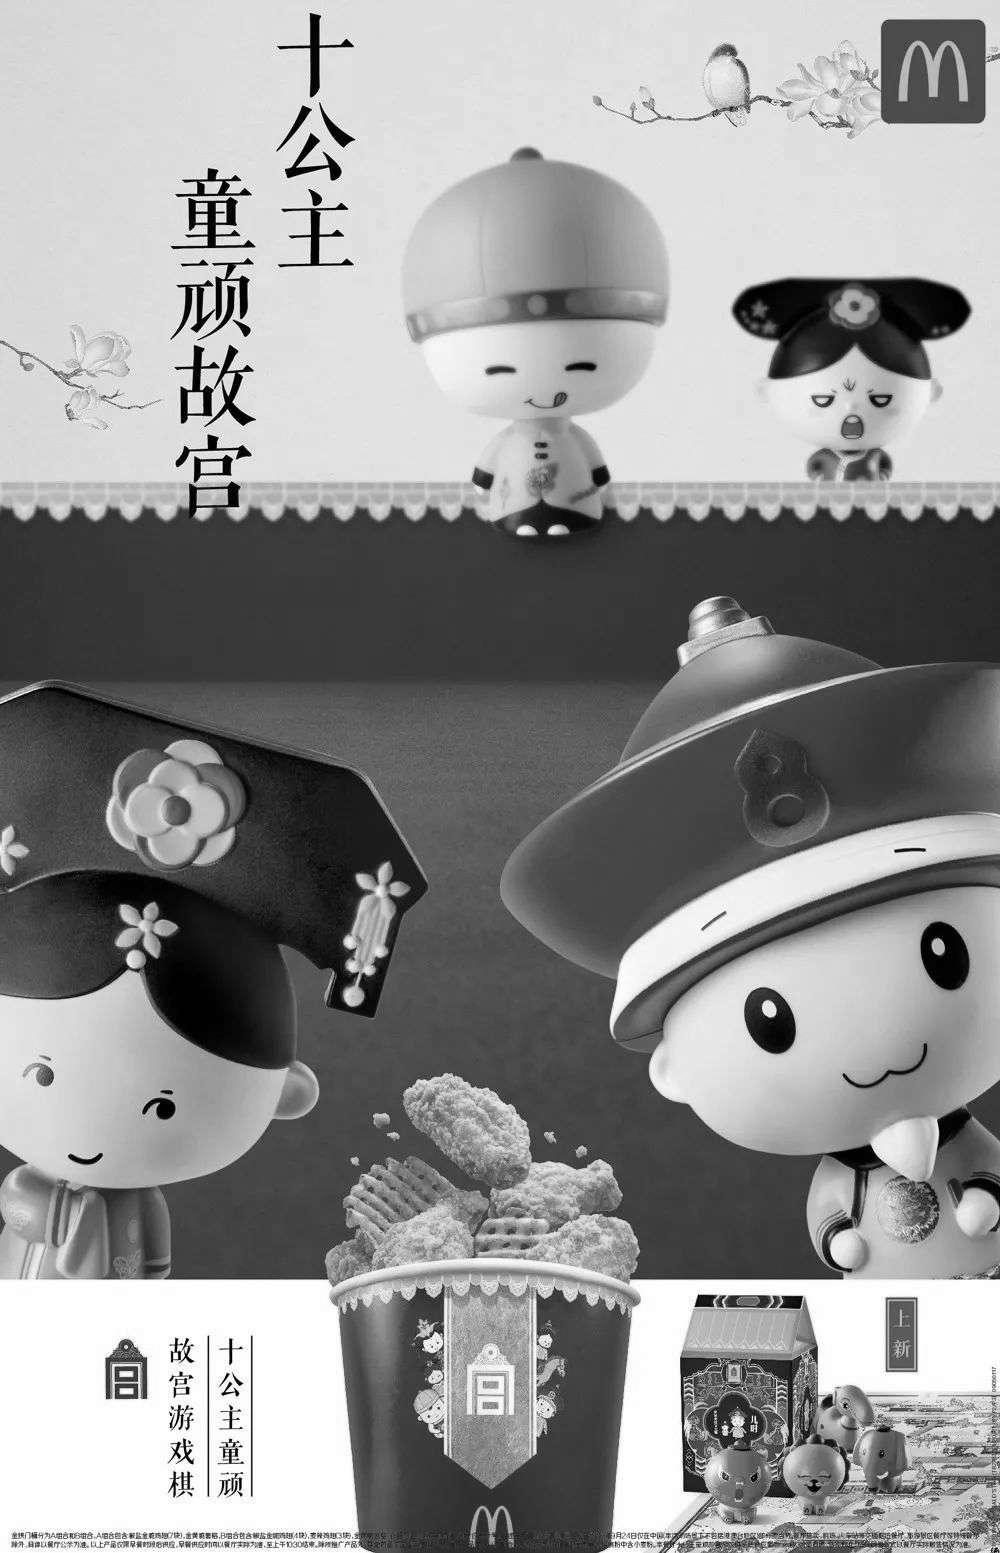 黑白优惠券图片:麦当劳故宫桶出玩具了,十公主童顽故宫棋8枚棋子等你集 - www.5ikfc.com